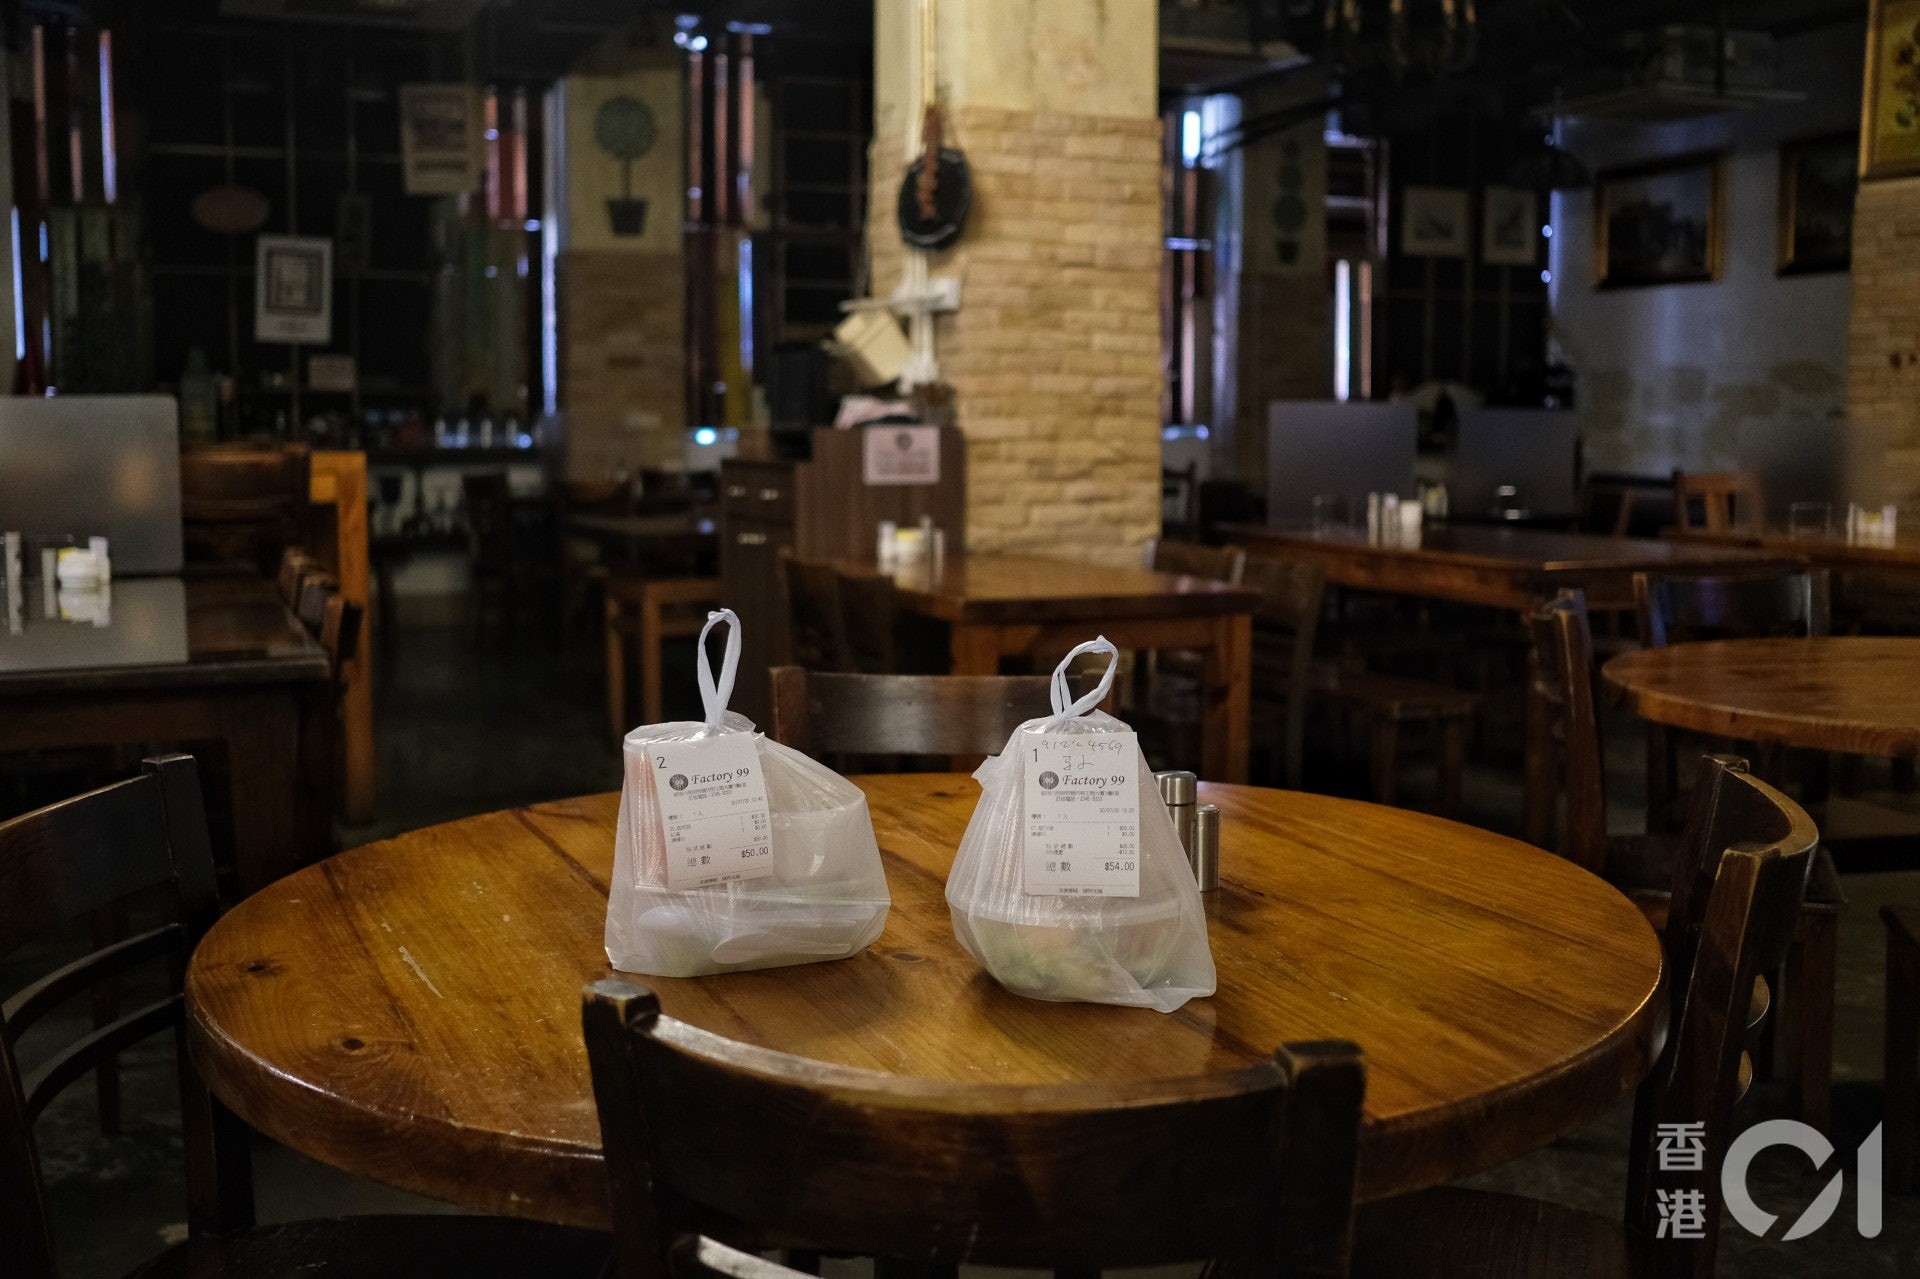 7月30日,全日禁堂食令生效第二日;政府宣布7月31日起食肆可恢復日間堂食服務。(羅君豪攝)